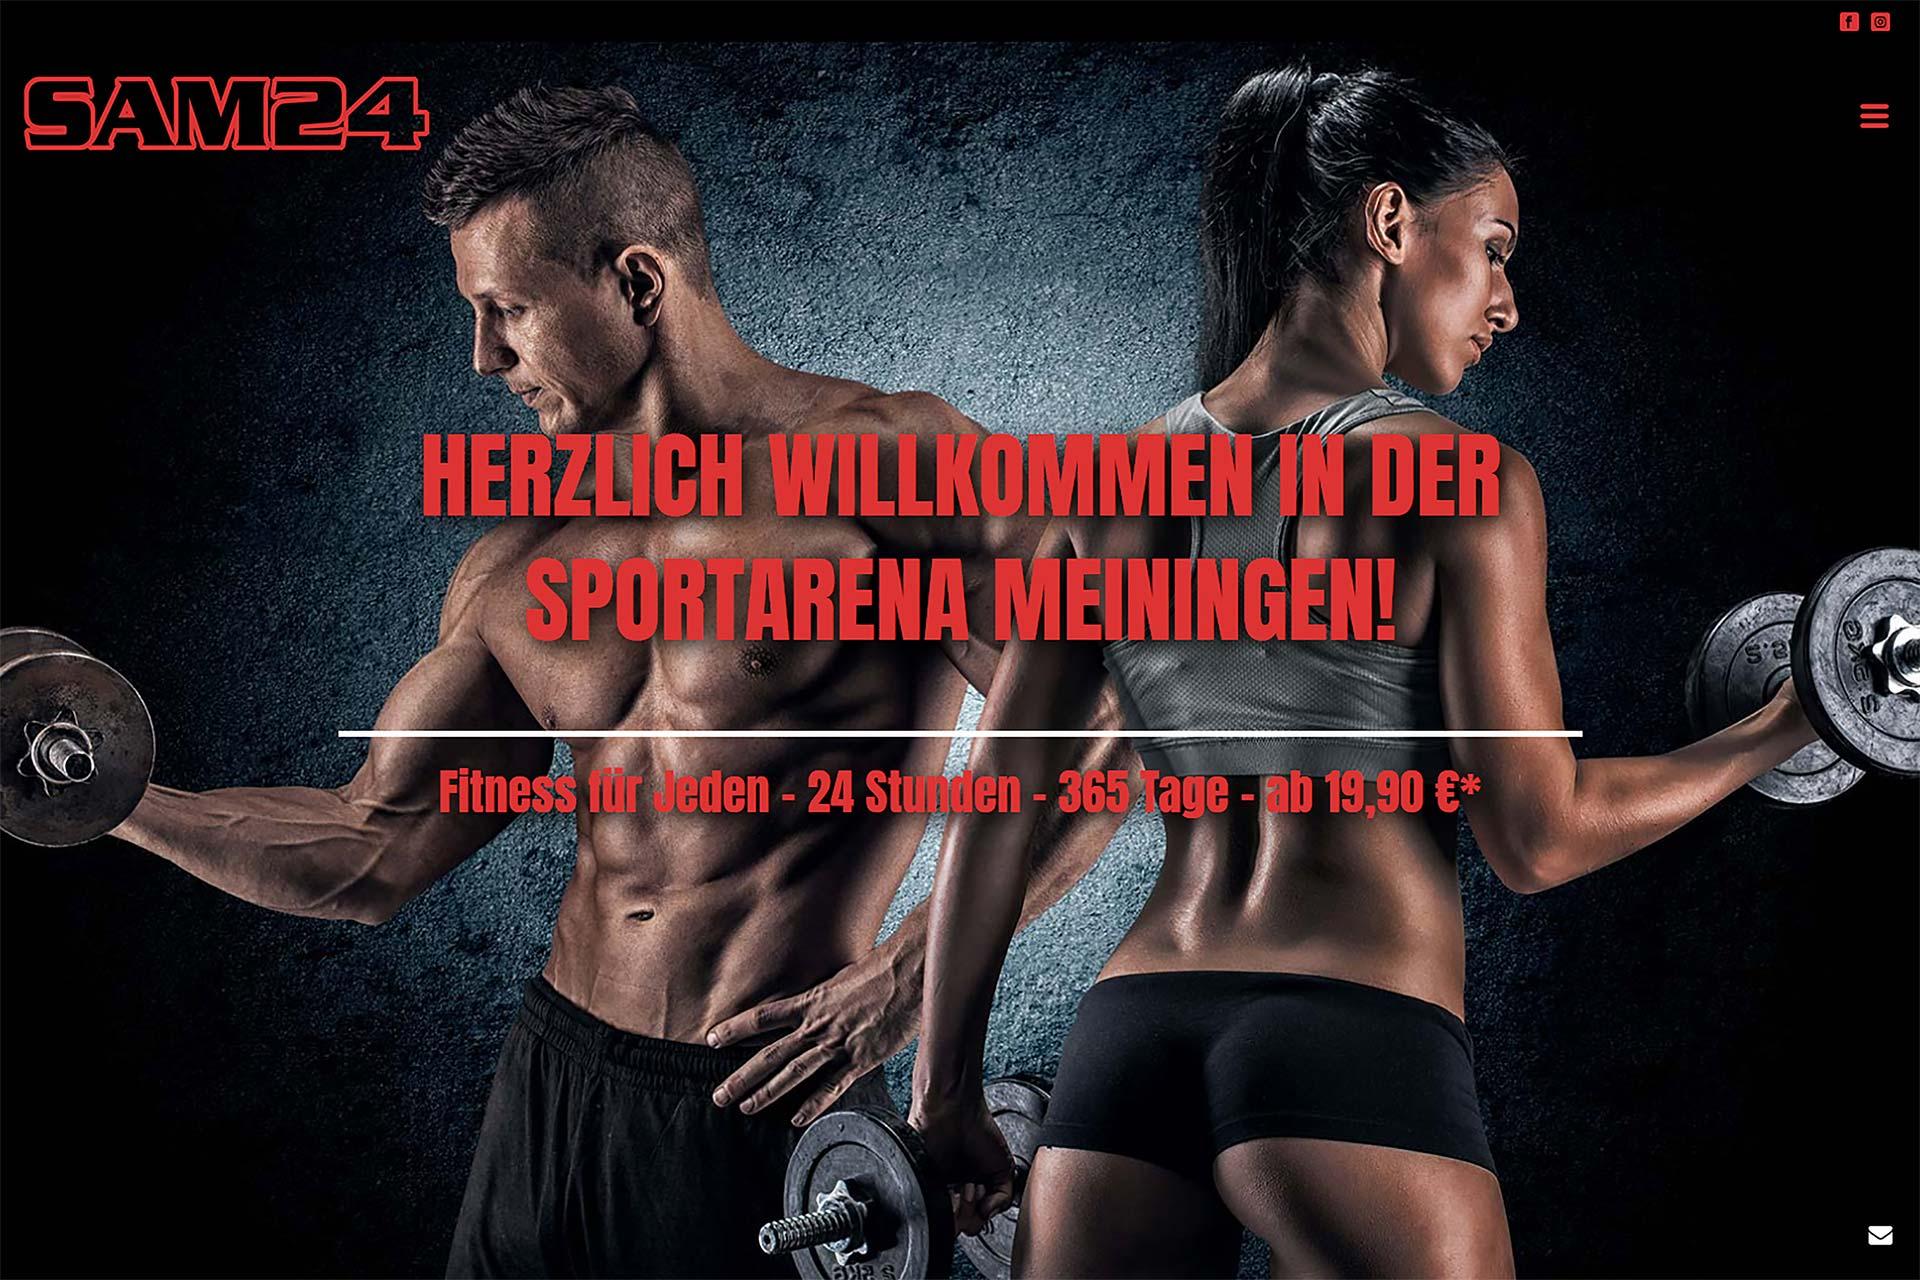 Oktober 2018 - Die neue Website der Sportarena Meiningen / der SAM24 GmbH